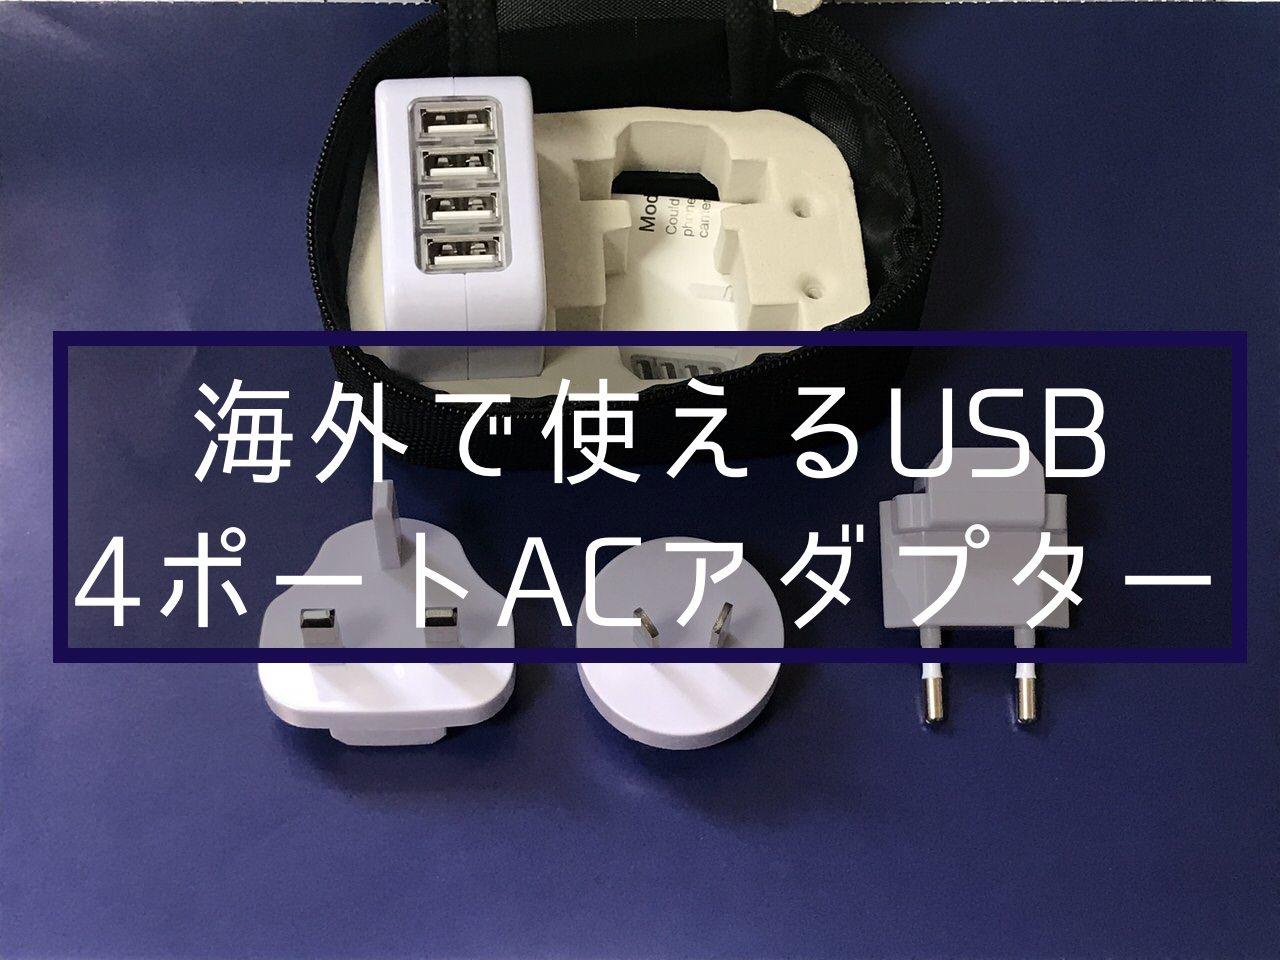 【レビュー】150カ国以上&250V対応の変換プラグ付きUSB 4ポートACアダプターを海外で使ってみた